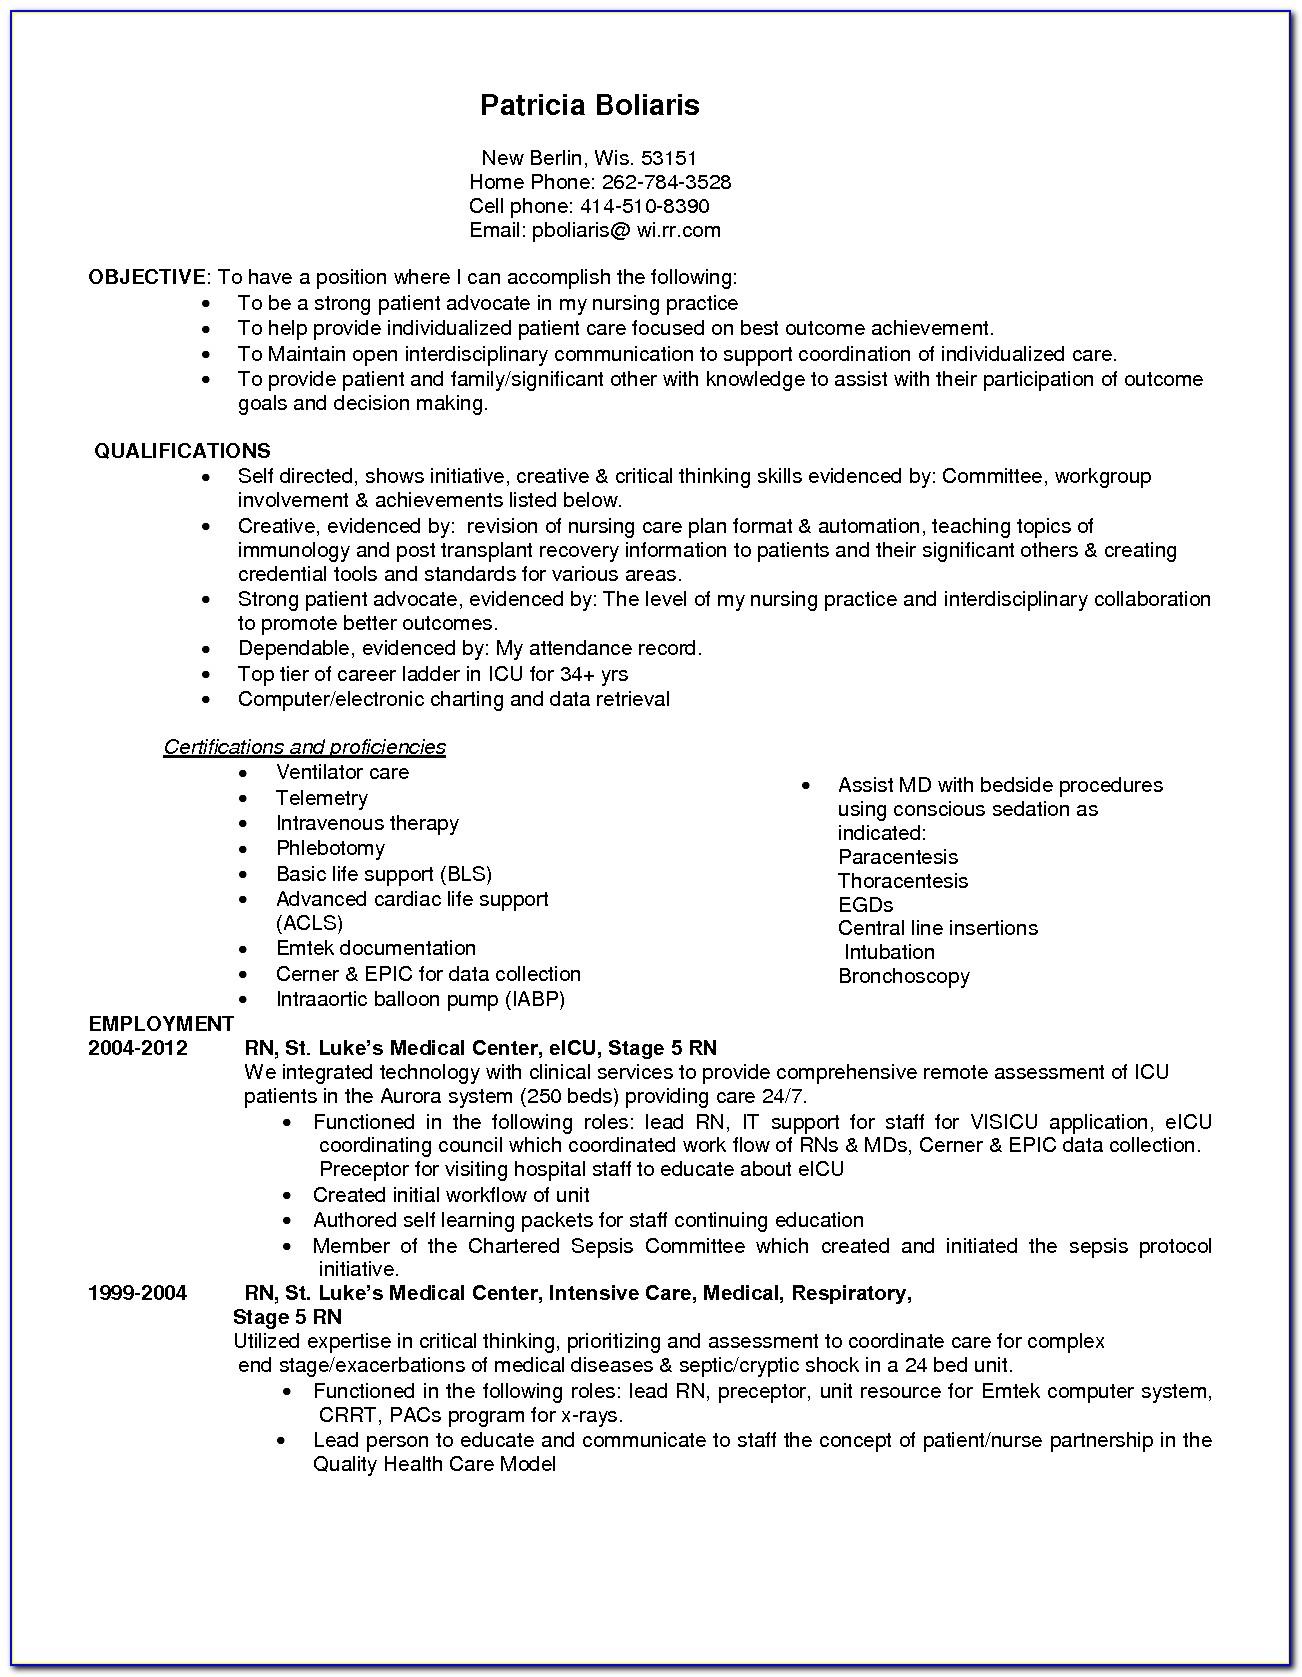 Sample Resume For Icu Registered Nurse